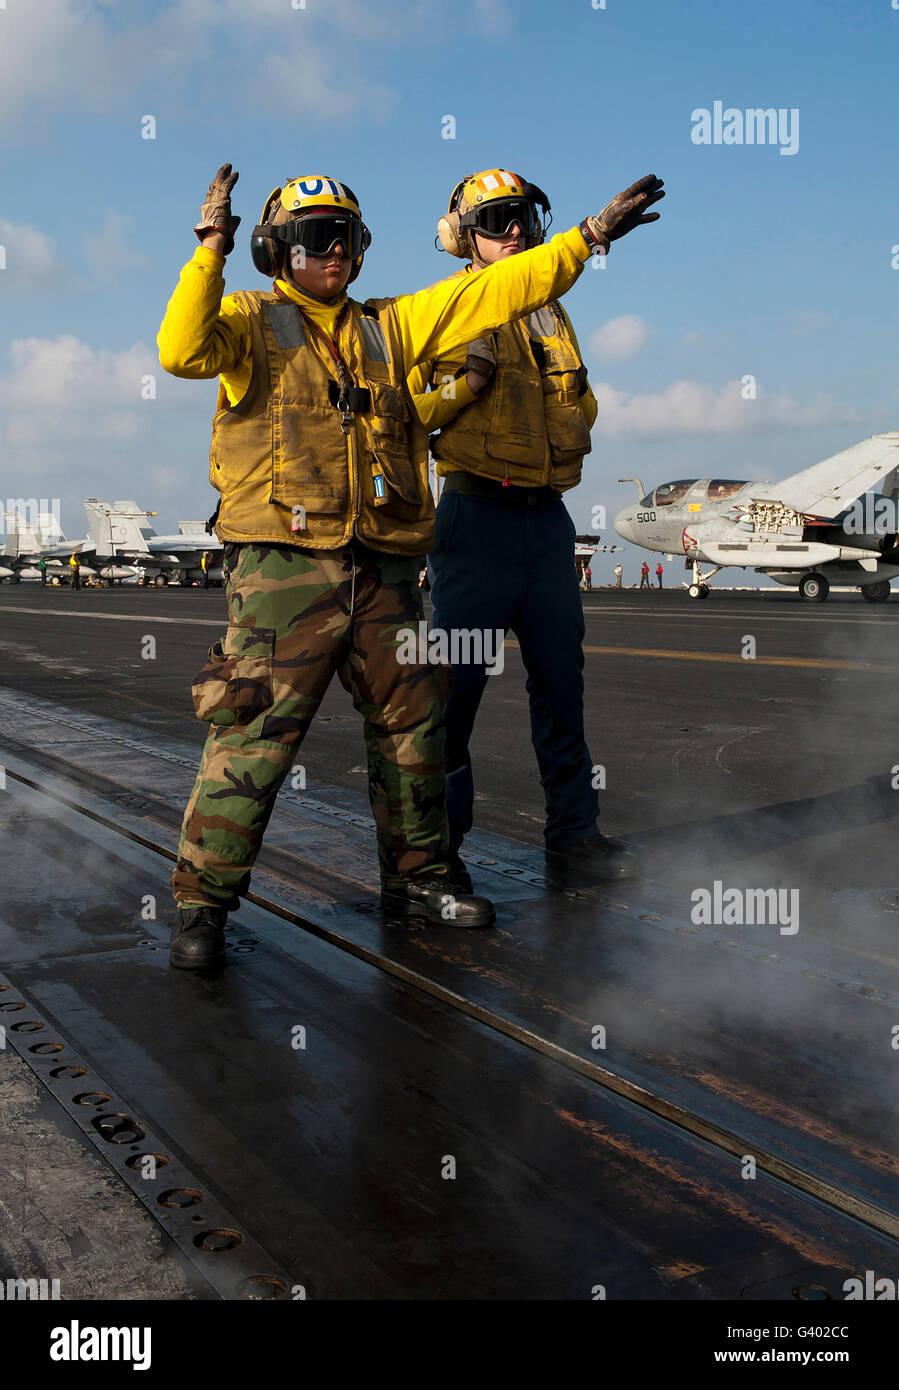 Airmen direct an F/A-18C Hornet on the flight deck of USS John C. Stennis. - Stock Image